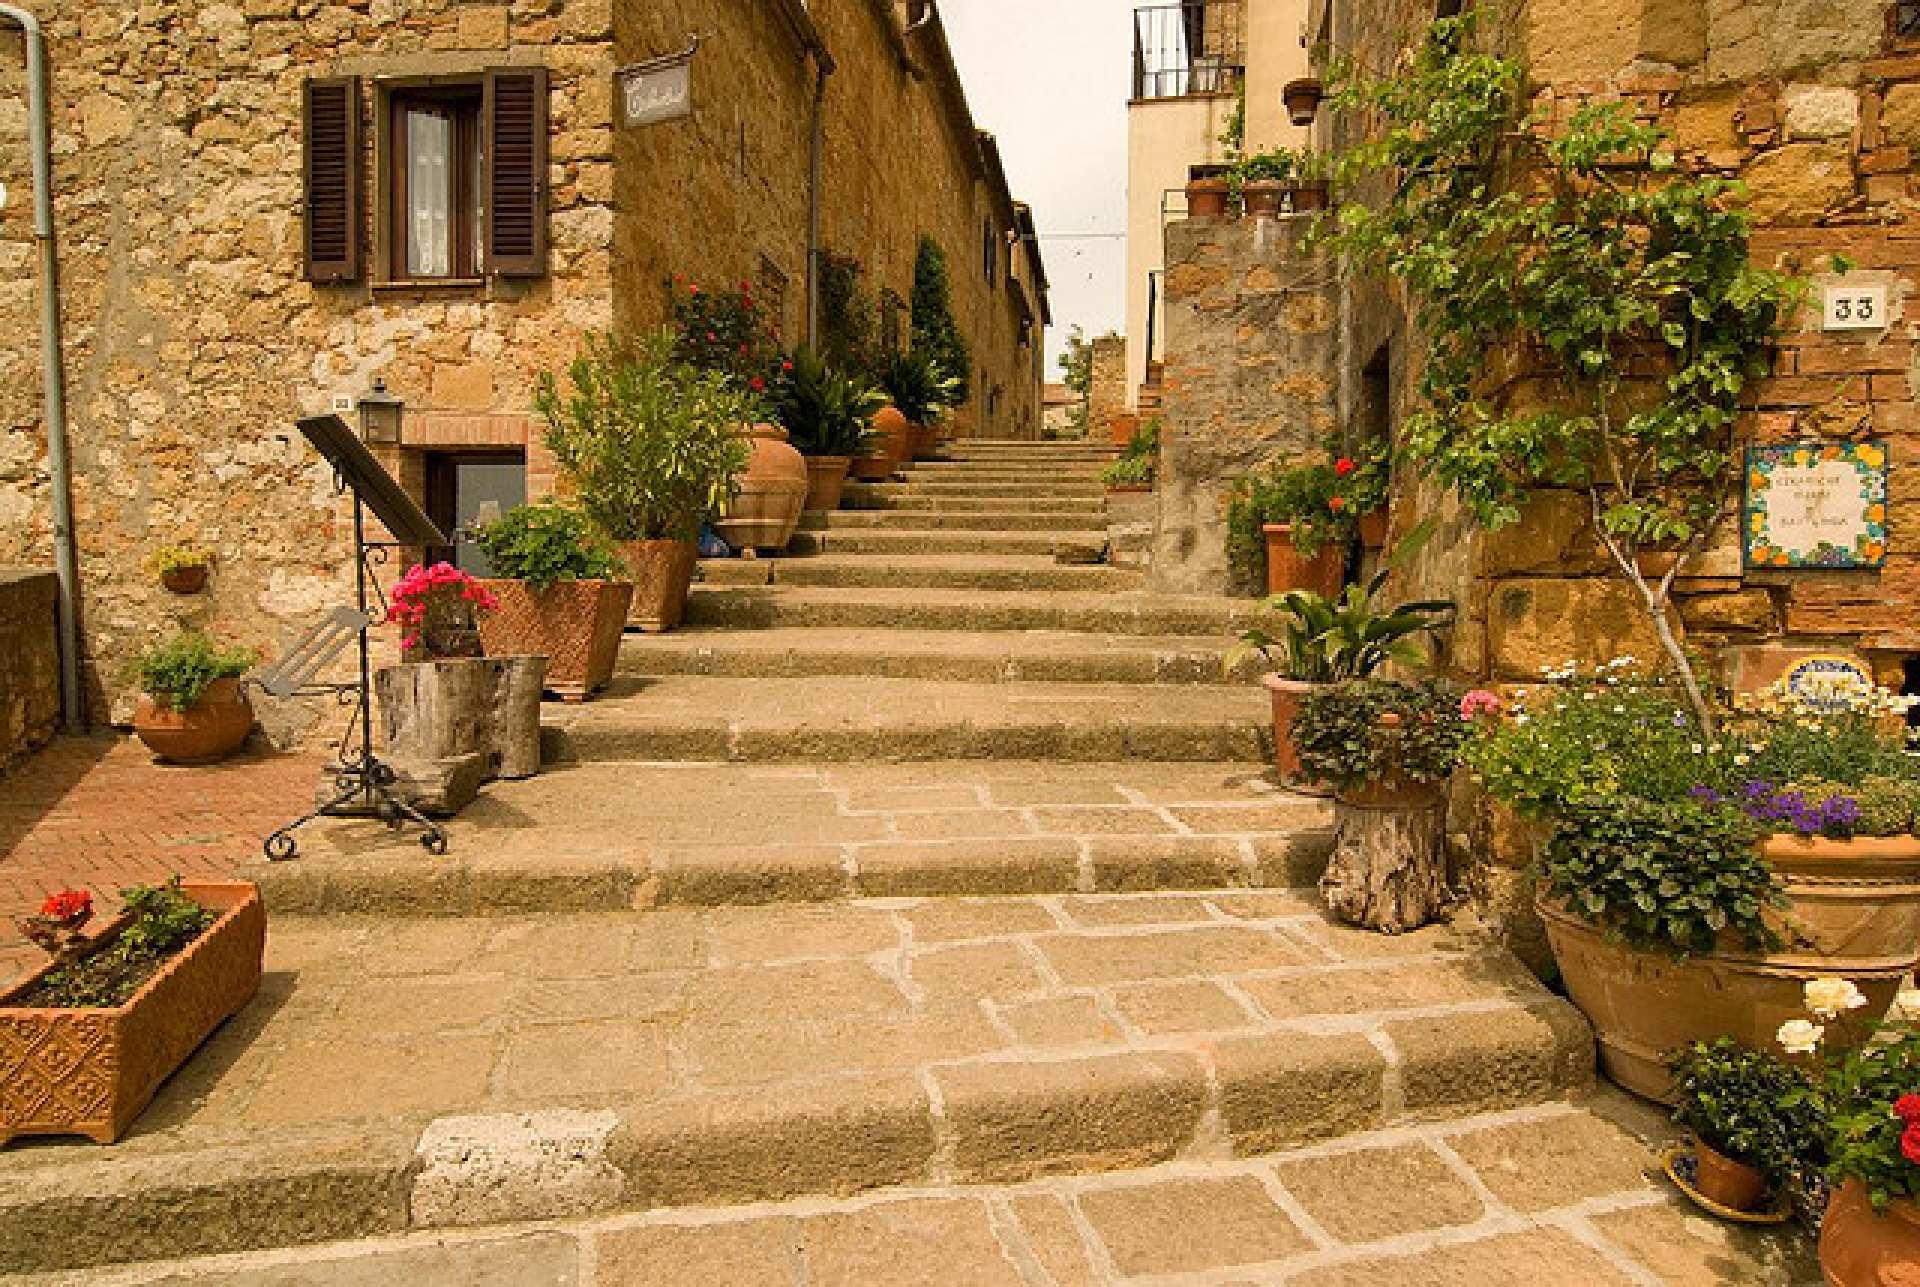 【義大利托斯卡尼一日遊】蒙特普齊亞諾、皮恩扎、蒙達奇諾葡萄酒品酒之旅